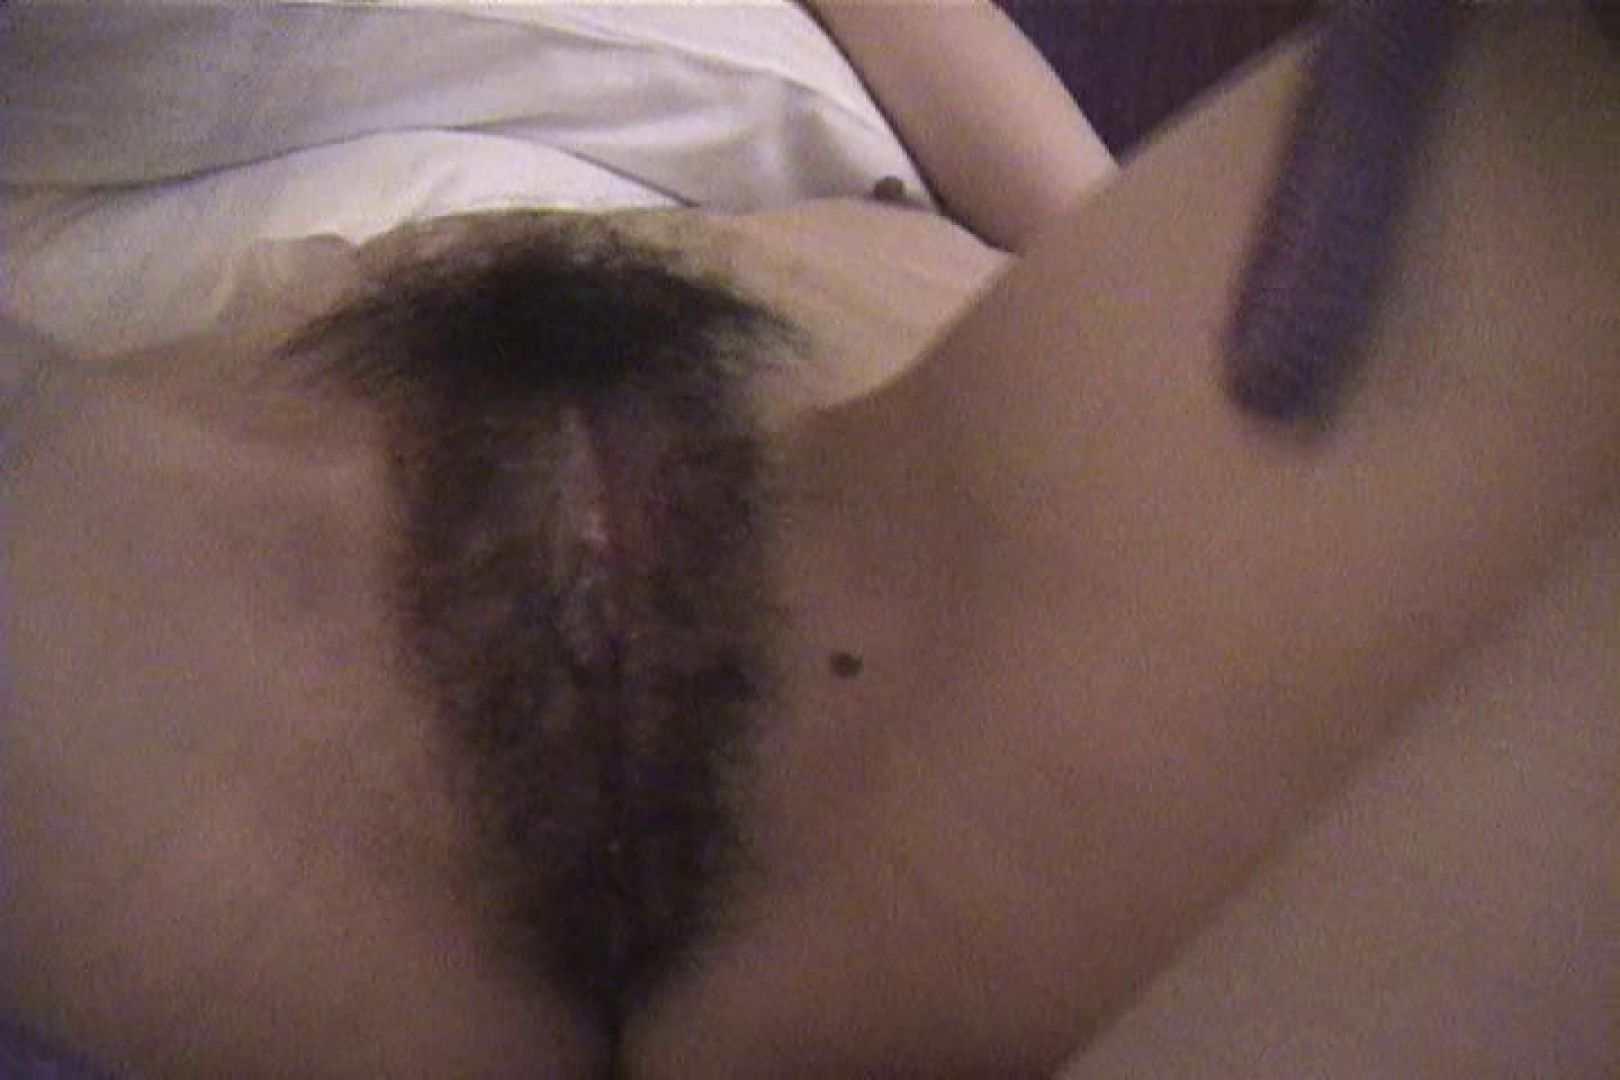 歯科衛生士バージンアラサー30歳まきVol.2 本番映像 エロ無料画像 102pic 82